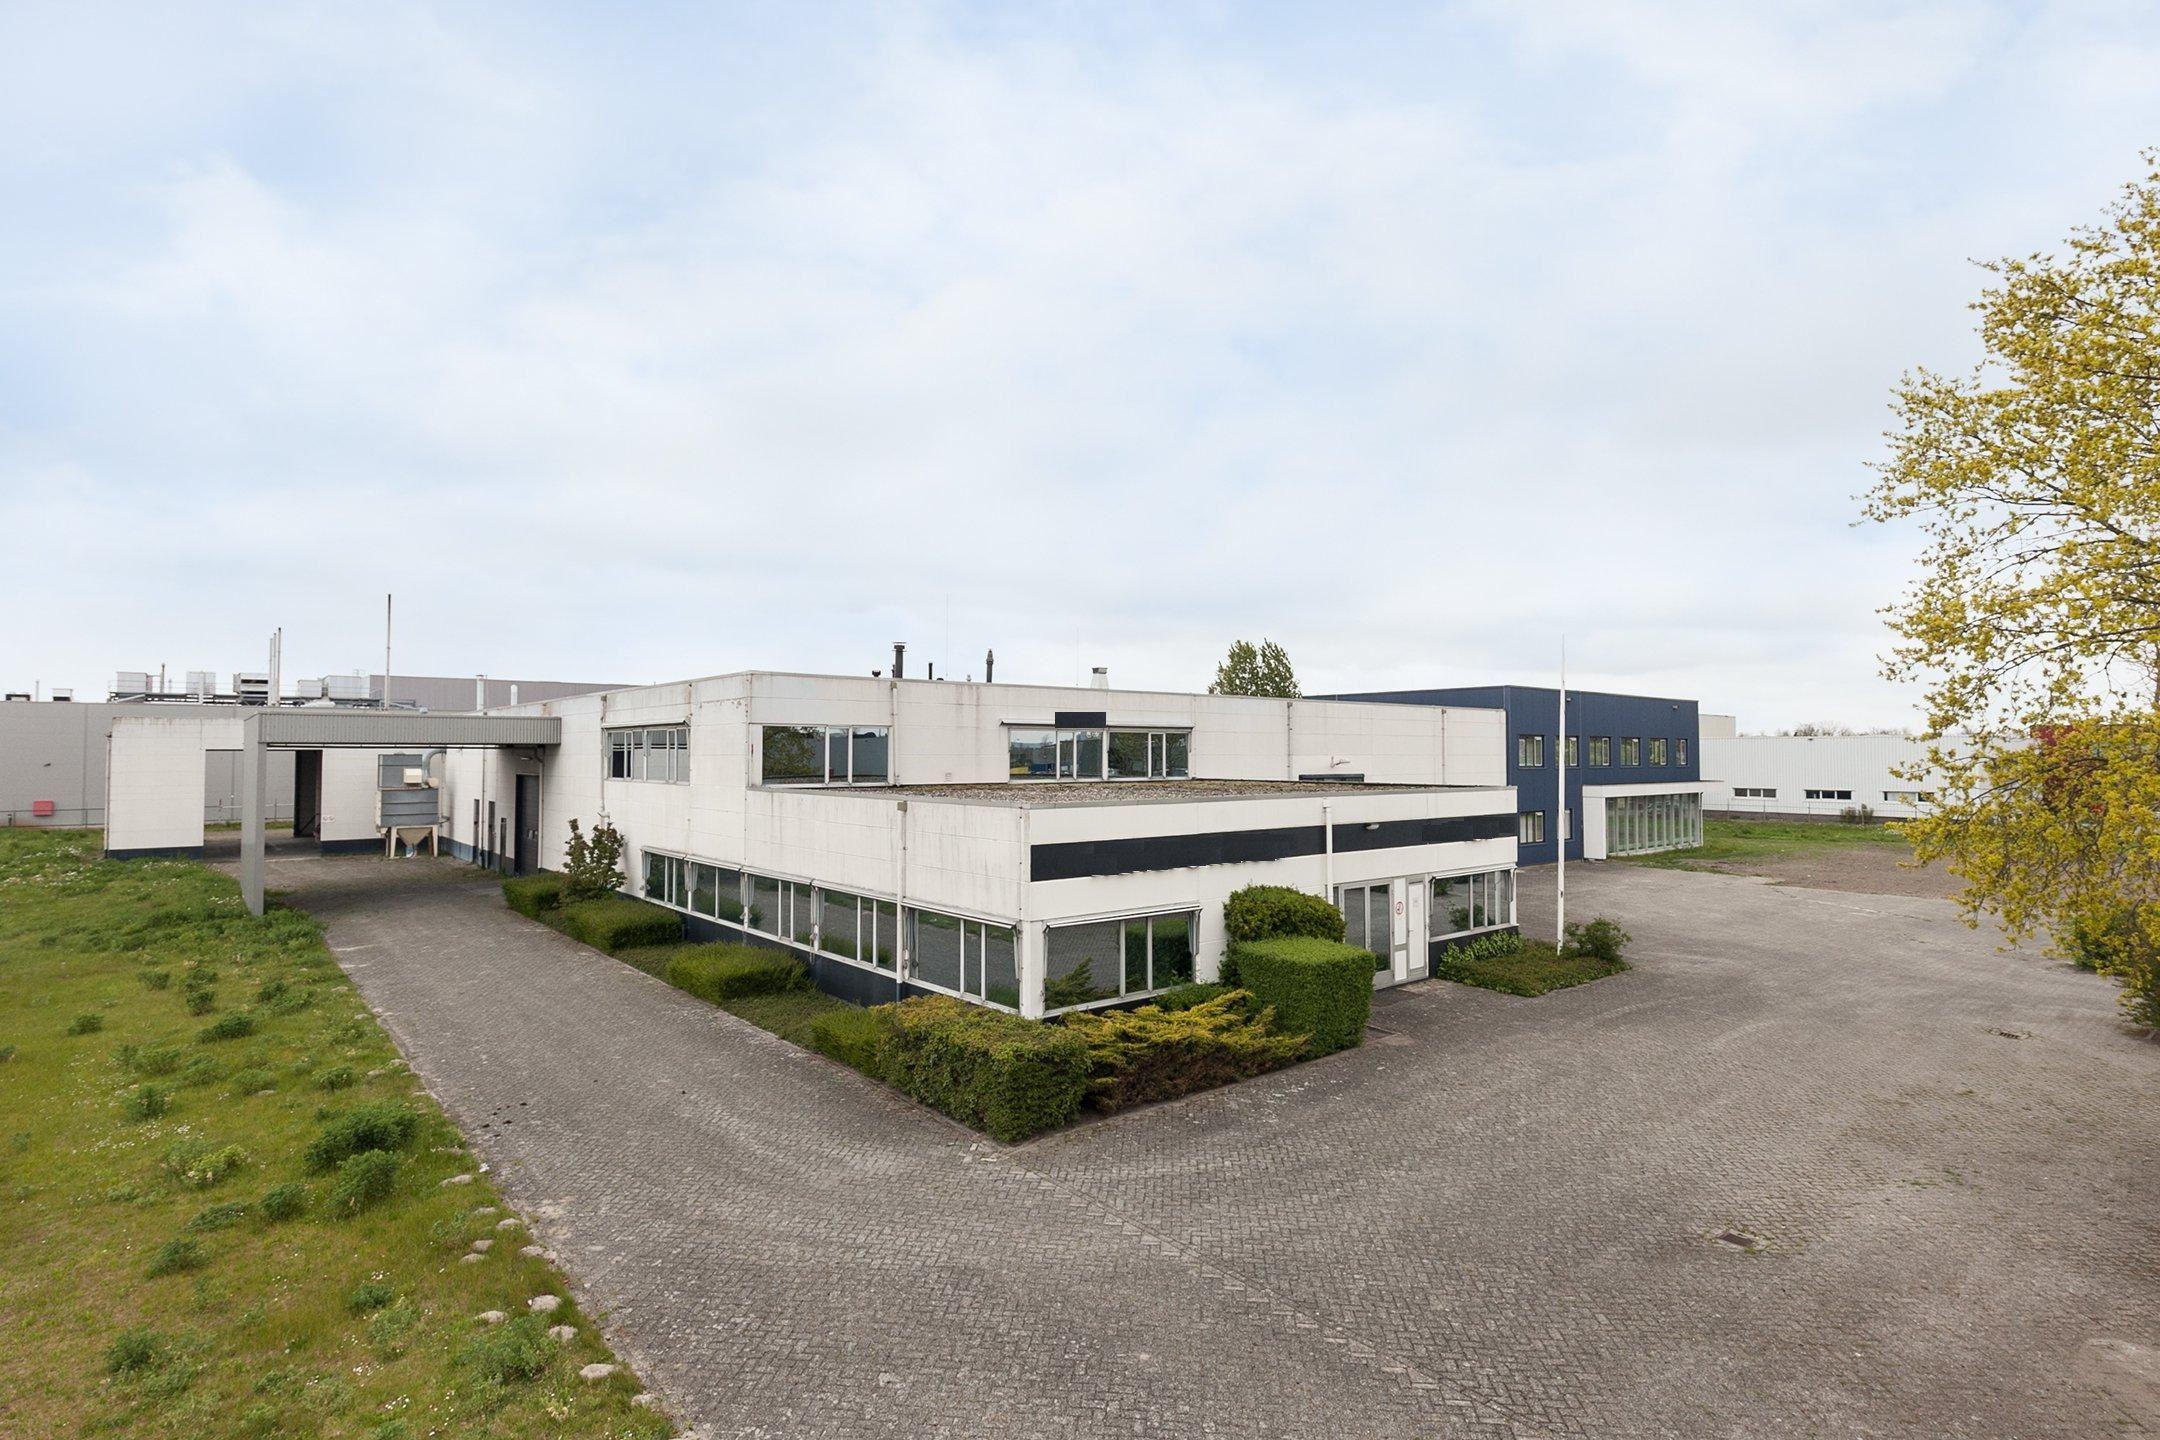 Bedrijfshal Lelystad | Zoek bedrijfshallen te koop: Bouwweg 19 8243 ...